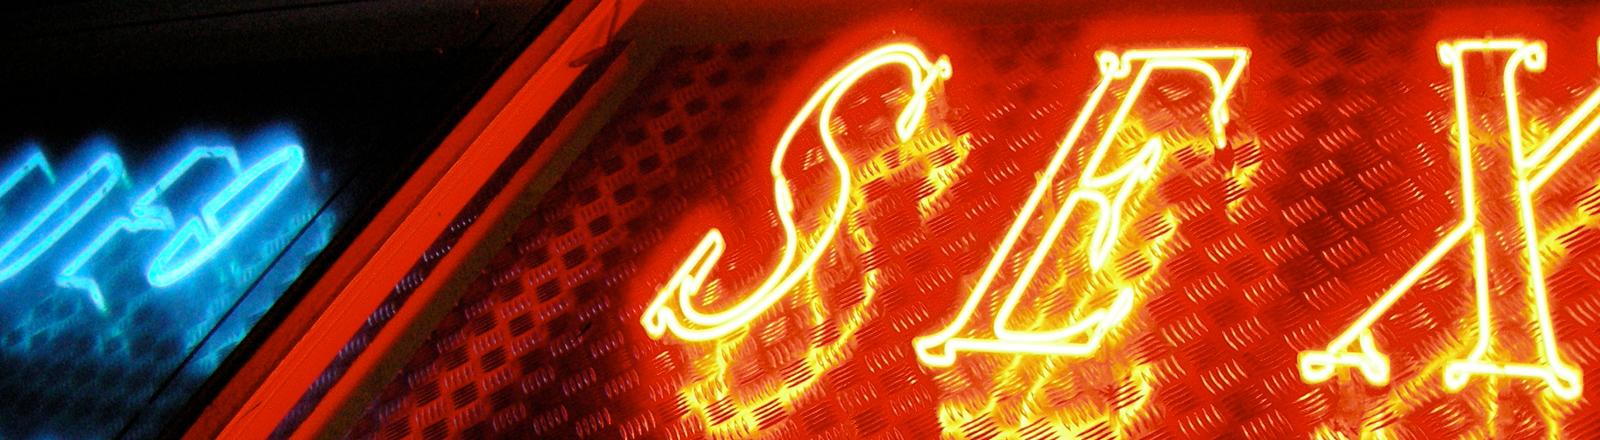 Leuchtreklame Sex-Shop